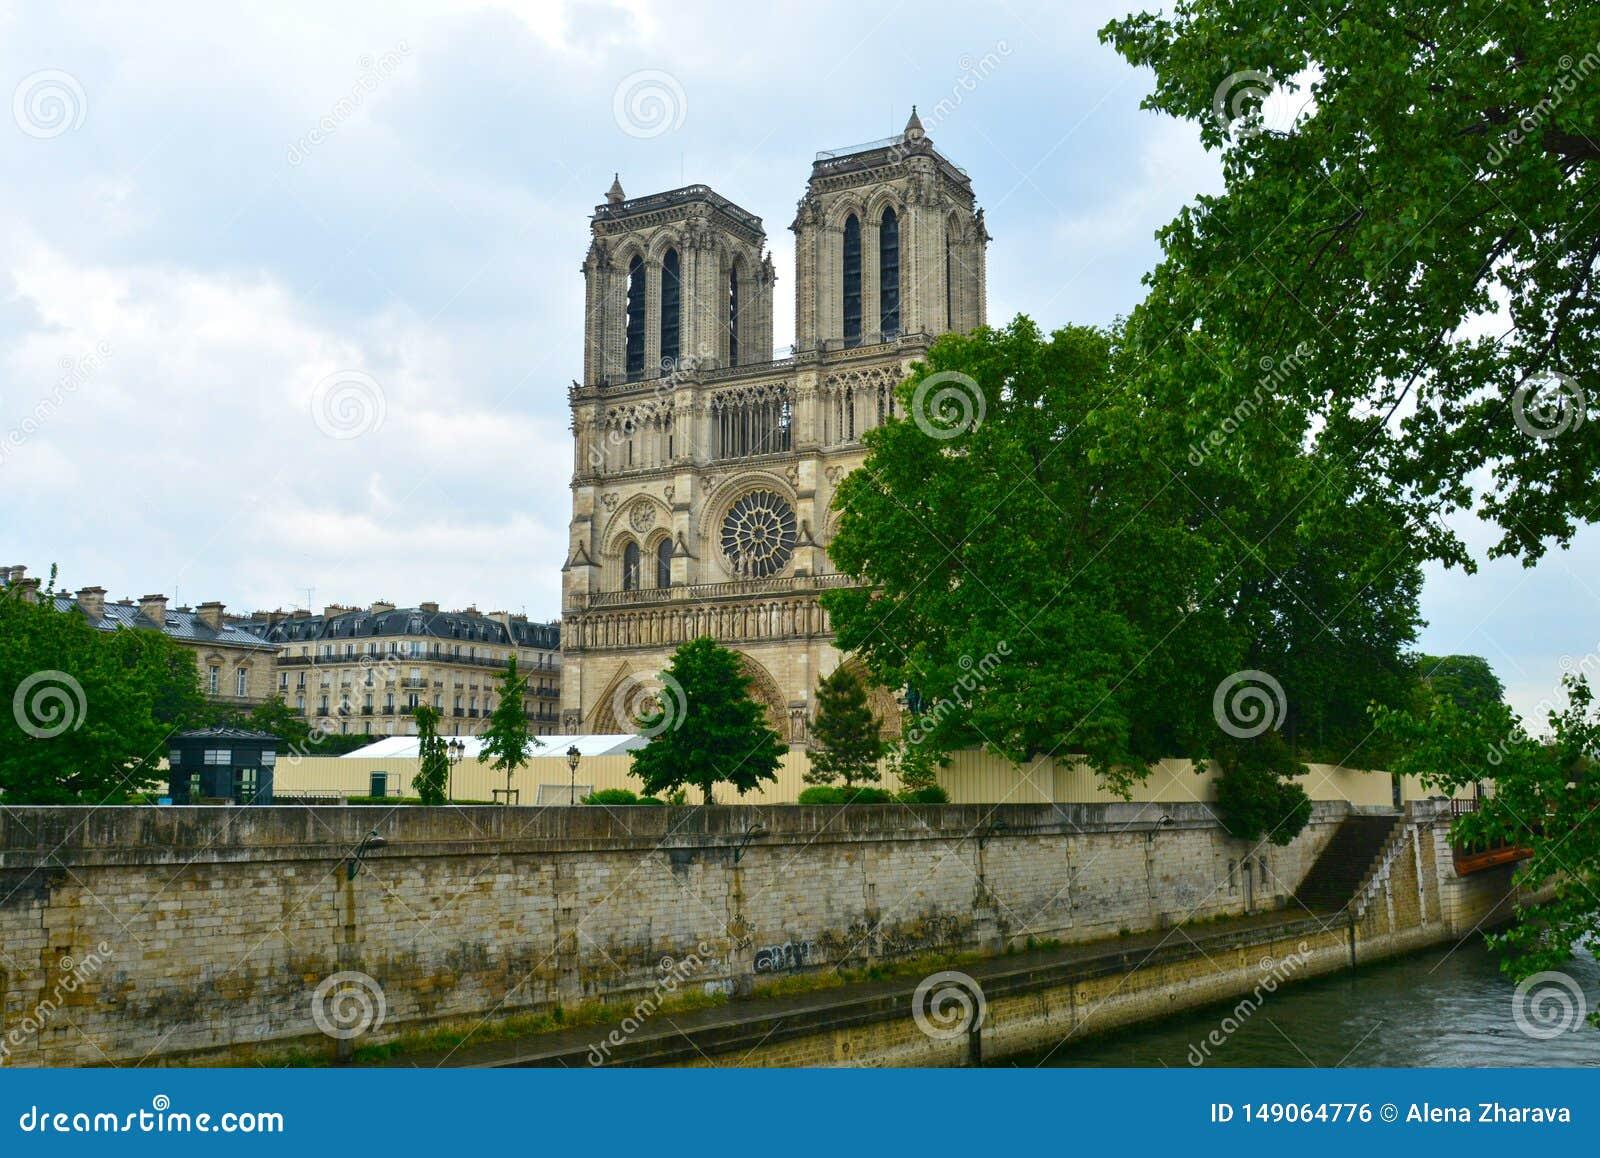 Cathédrale légendaire Notre Dame de Paris Bel achitecture parisien Point de repère magnifique après le feu destructif